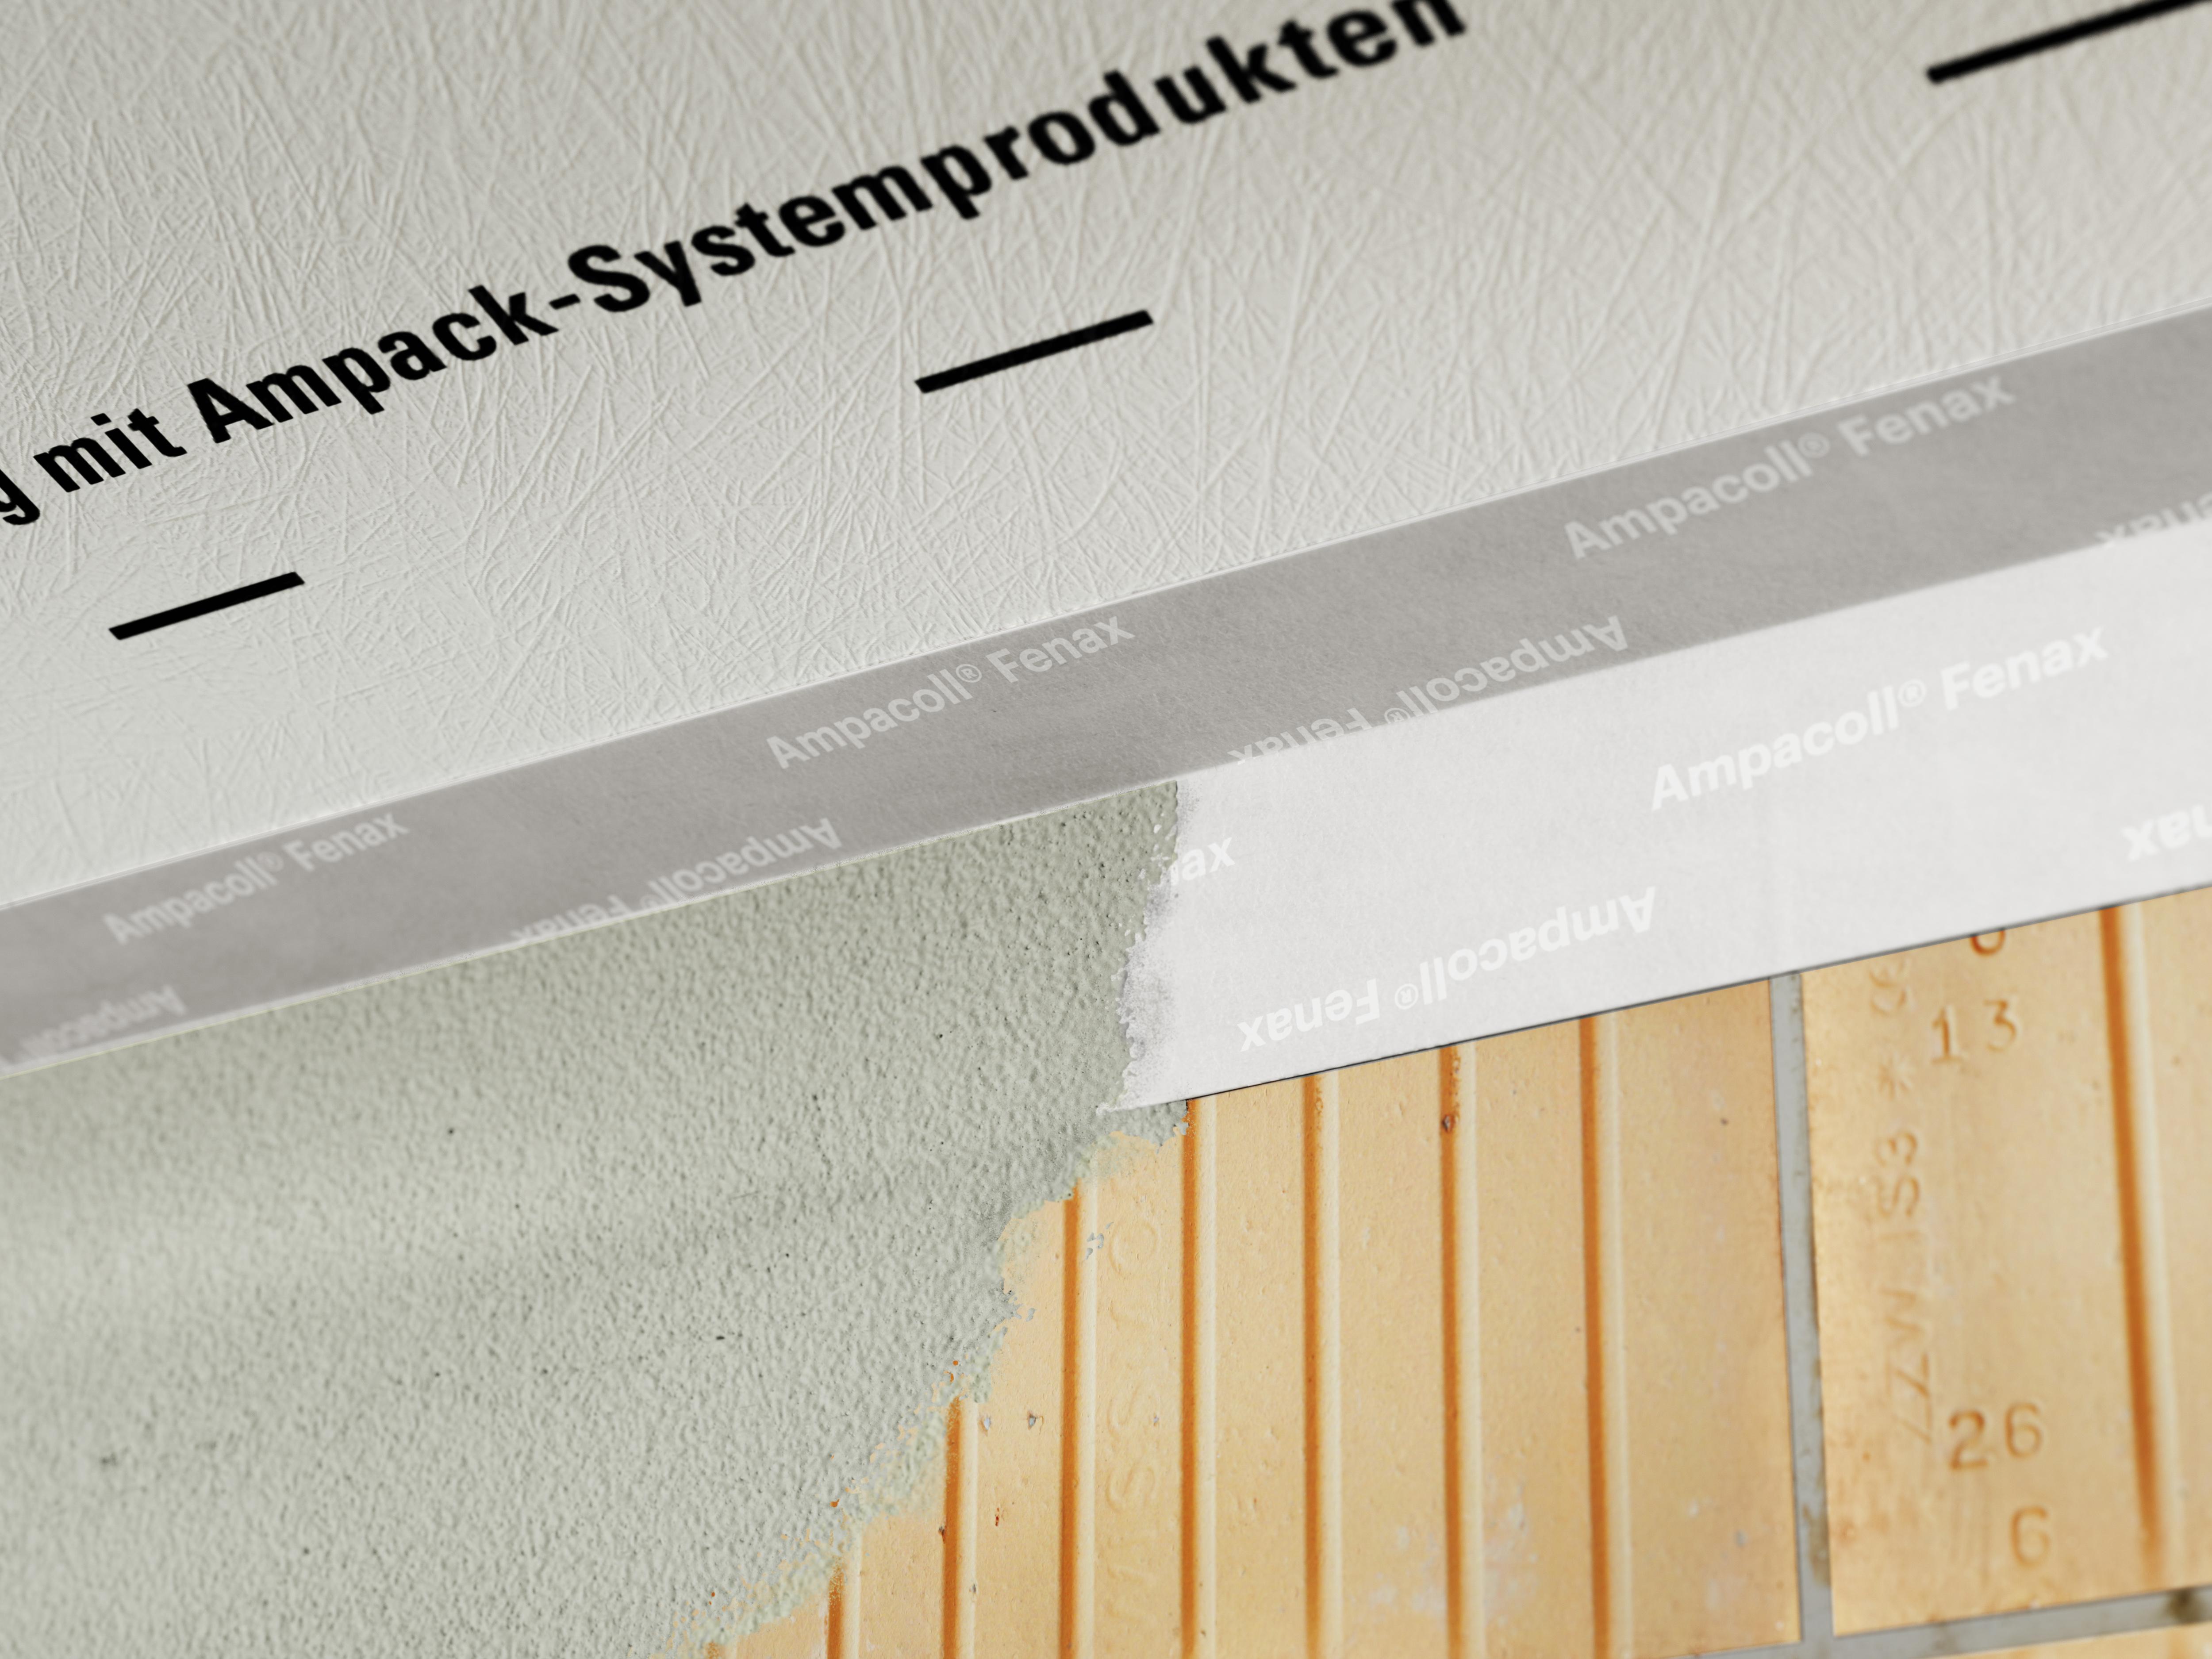 Extrem Ampacoll Fenax - Einputzband der Extraklasse - Ampack EP55